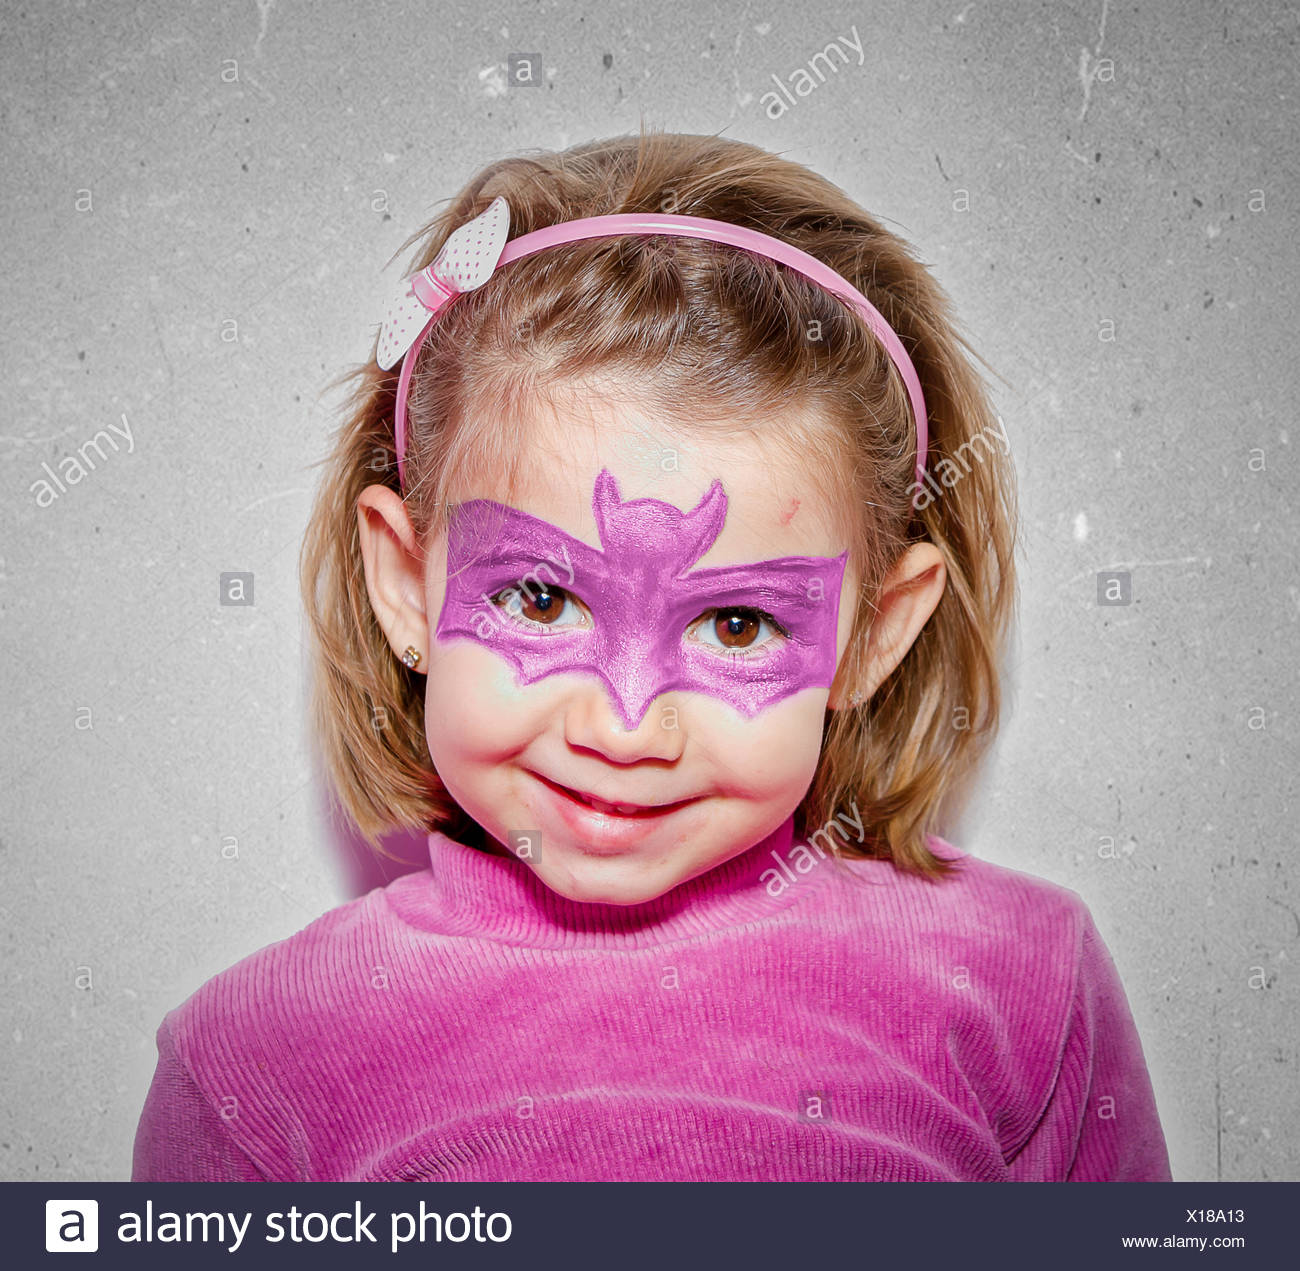 Portrait d'une fille souriante avec un masque de chauve-souris dessiné sur son visage Banque D'Images